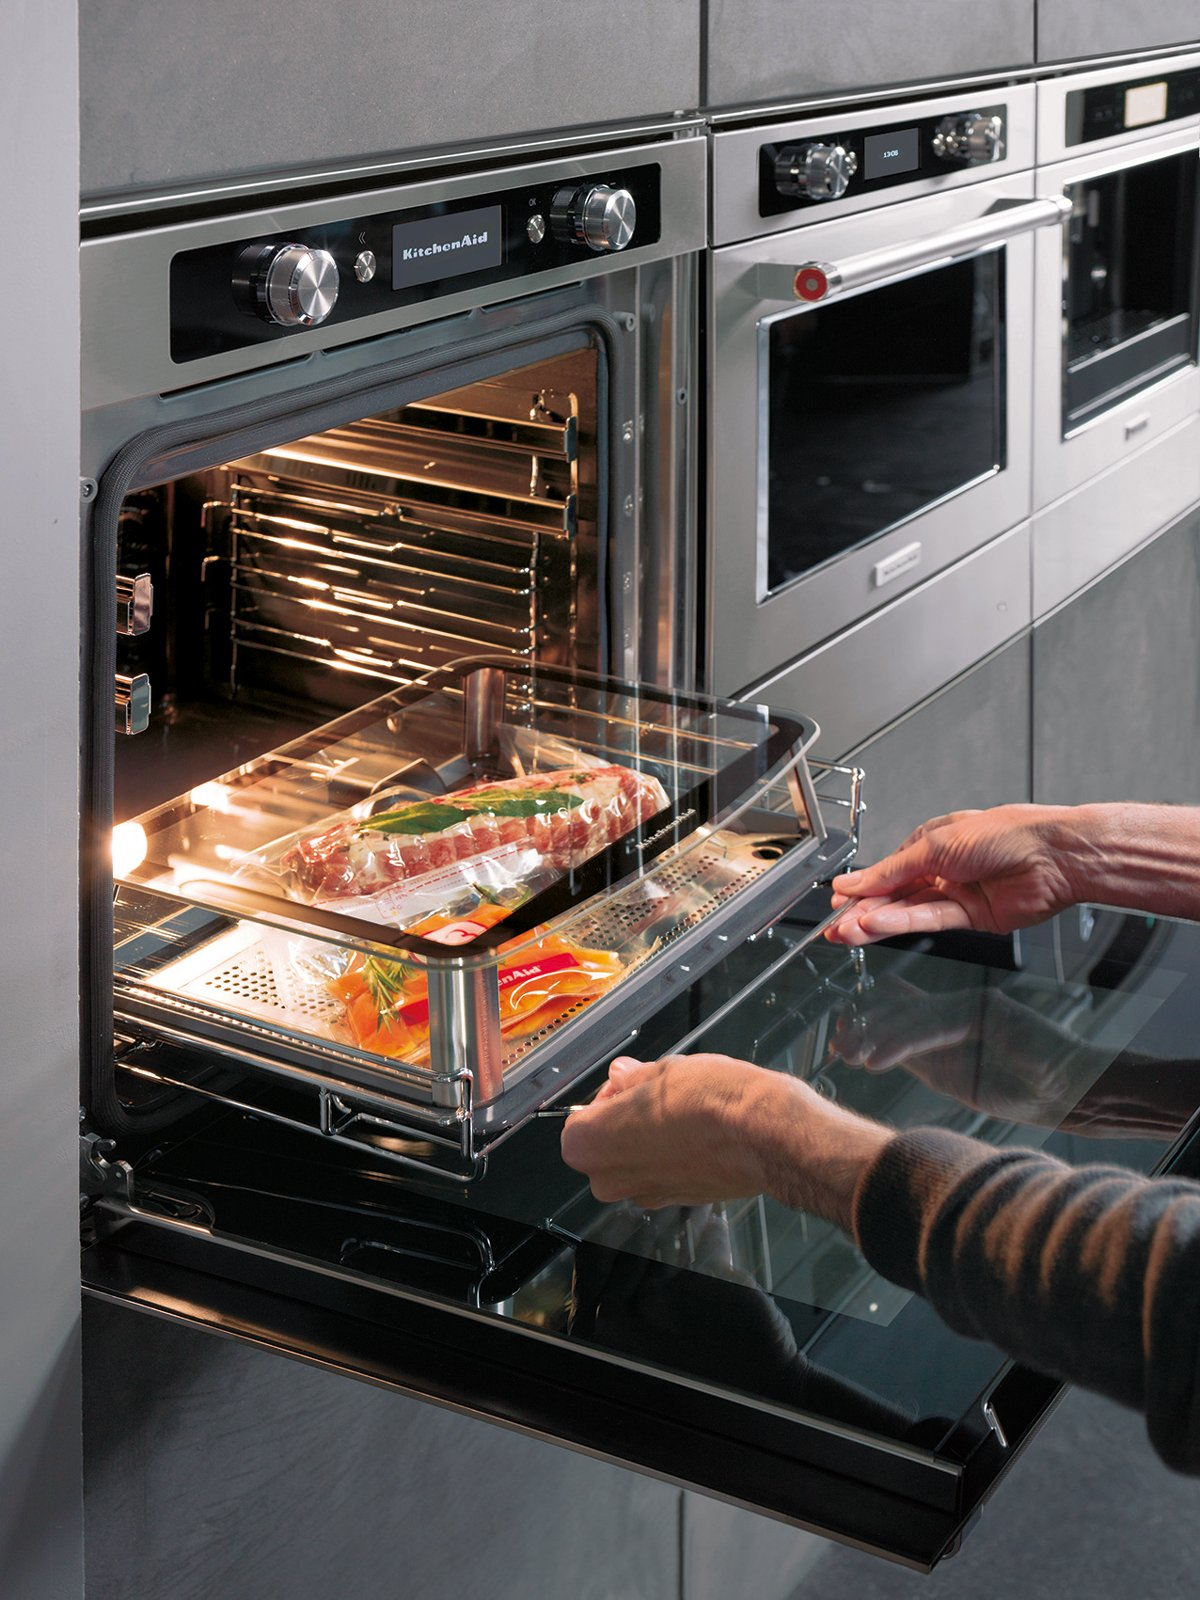 Elettrodomestici per cucinare a vapore cose di casa - Forno a vapore ricette ...